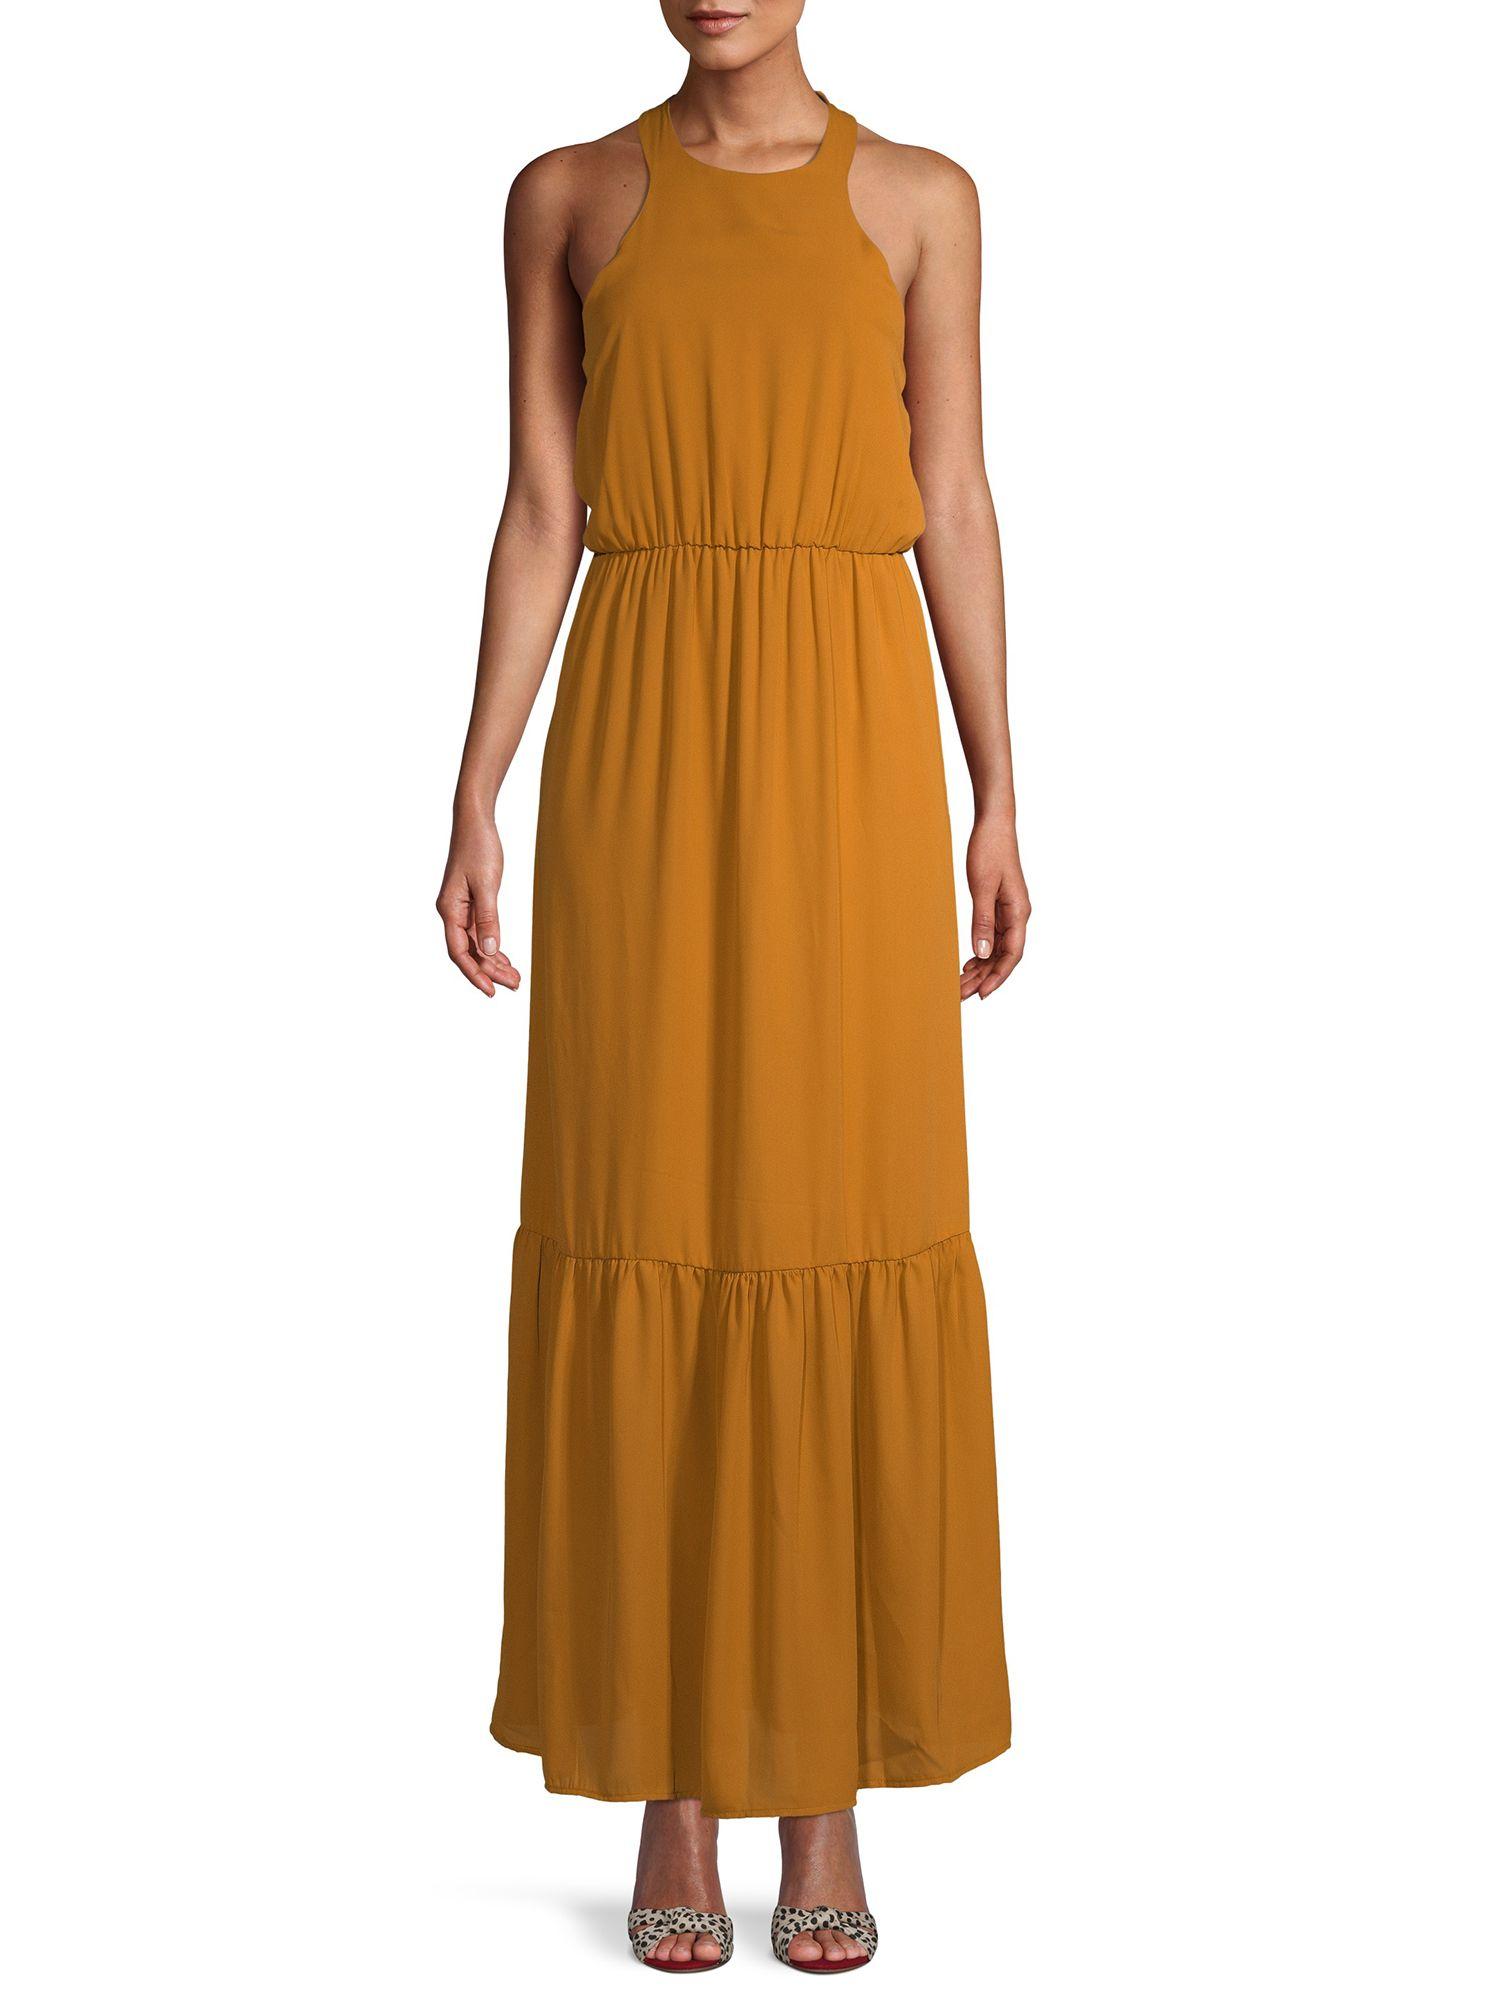 Nsr Nsr Women S Halter Maxi Dress Walmart Com Women Halter Halter Maxi Dresses Maxi Dress [ 2000 x 1500 Pixel ]